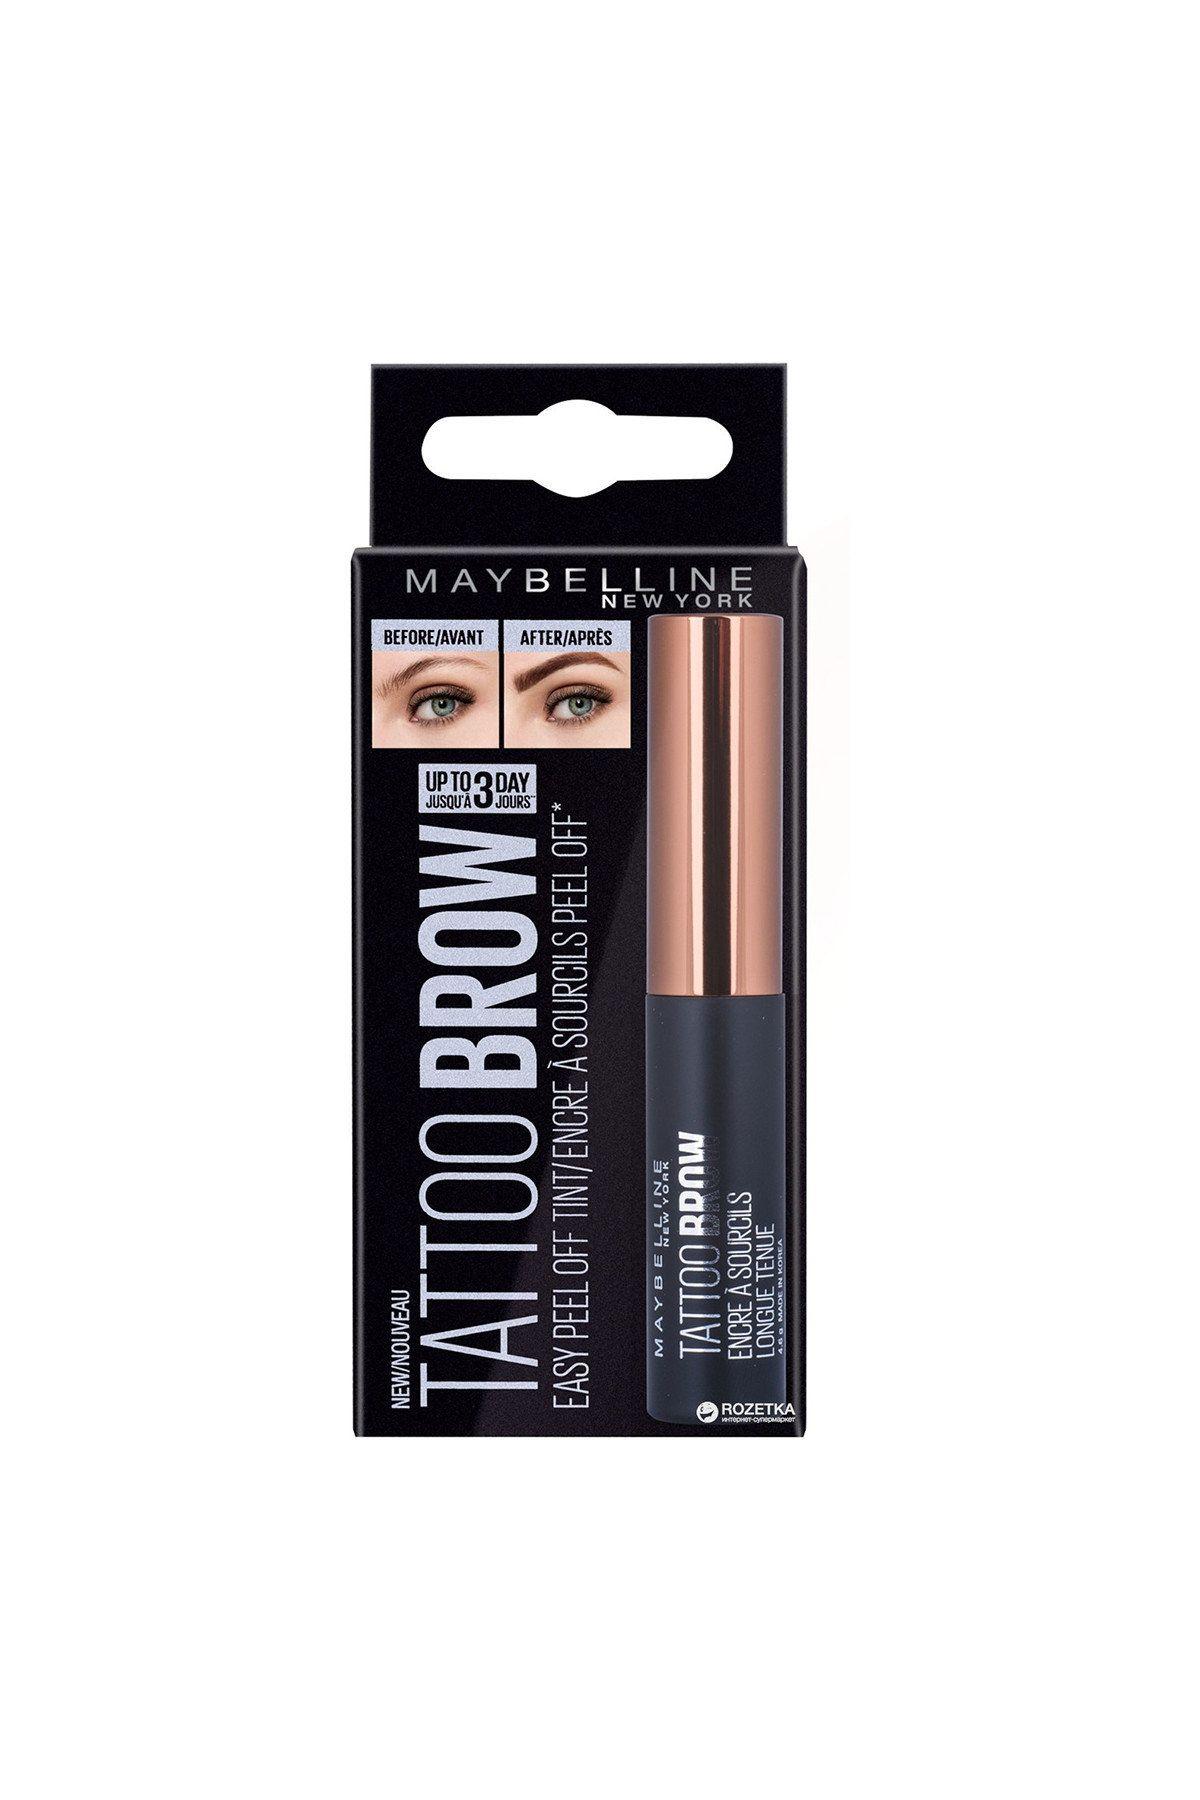 Brow Tattoo Gel Tint Dark Brown maybelline brand online